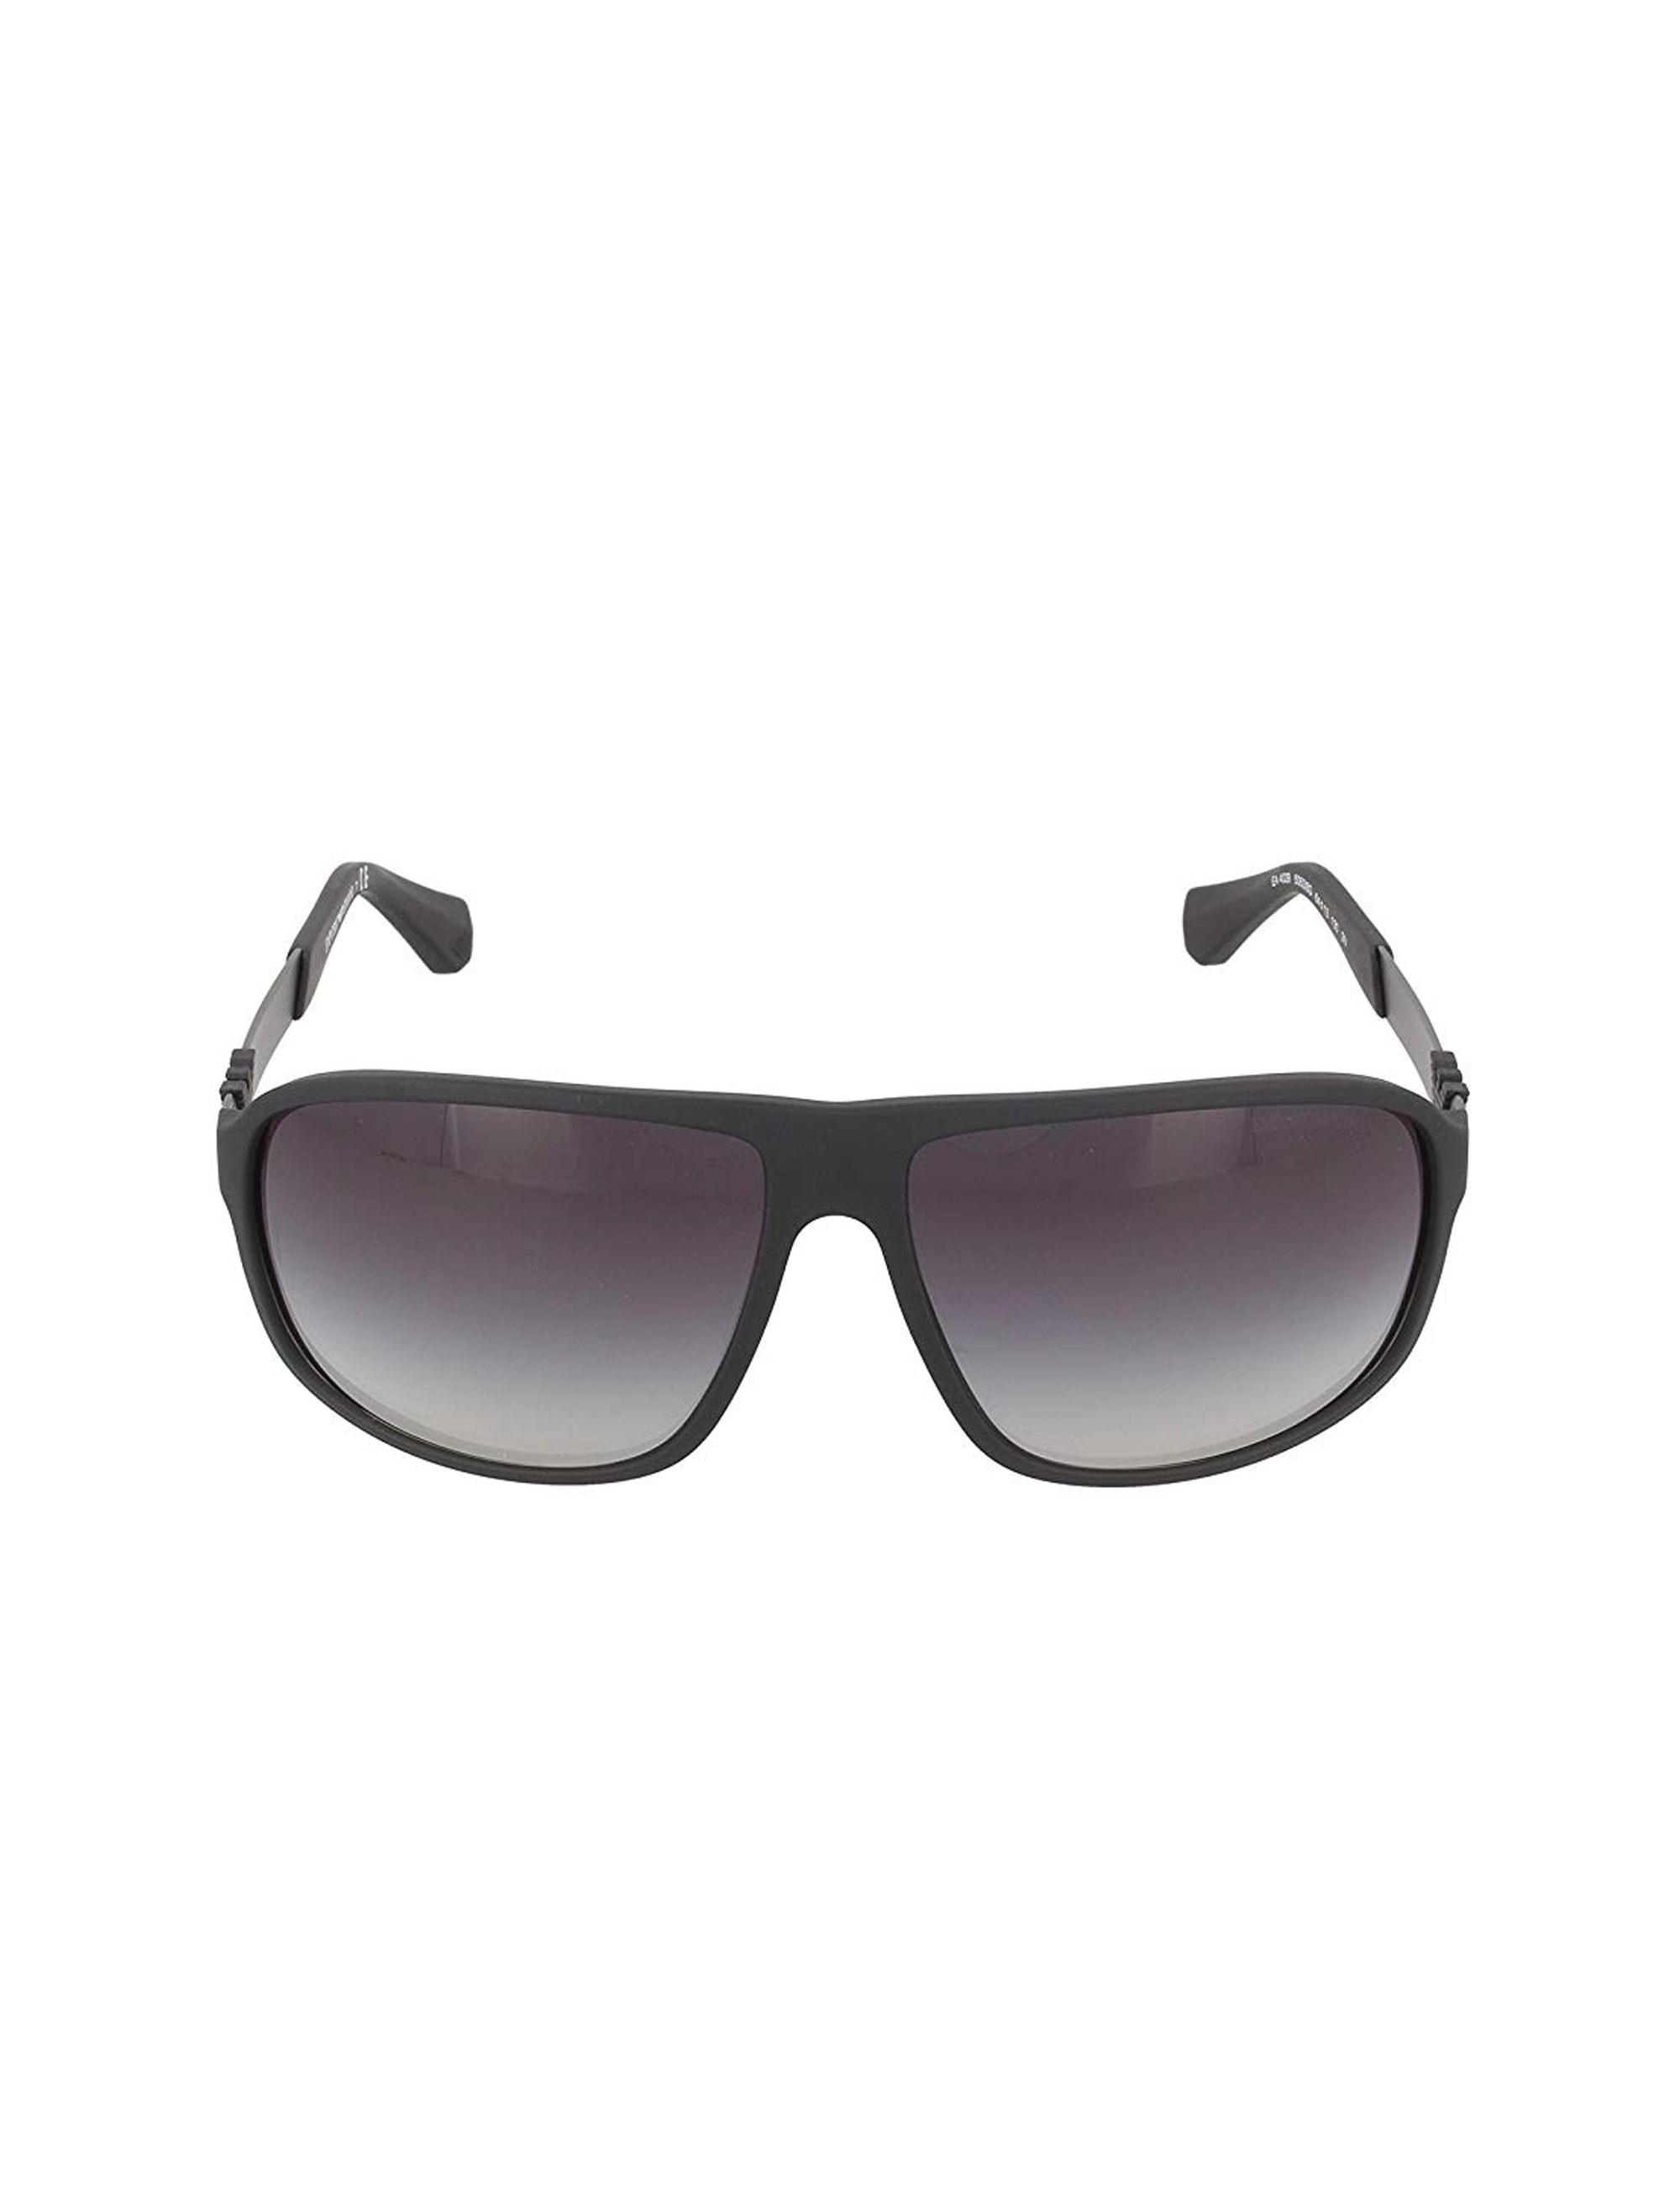 عینک آفتابی خلبانی مردانه - امپریو آرمانی